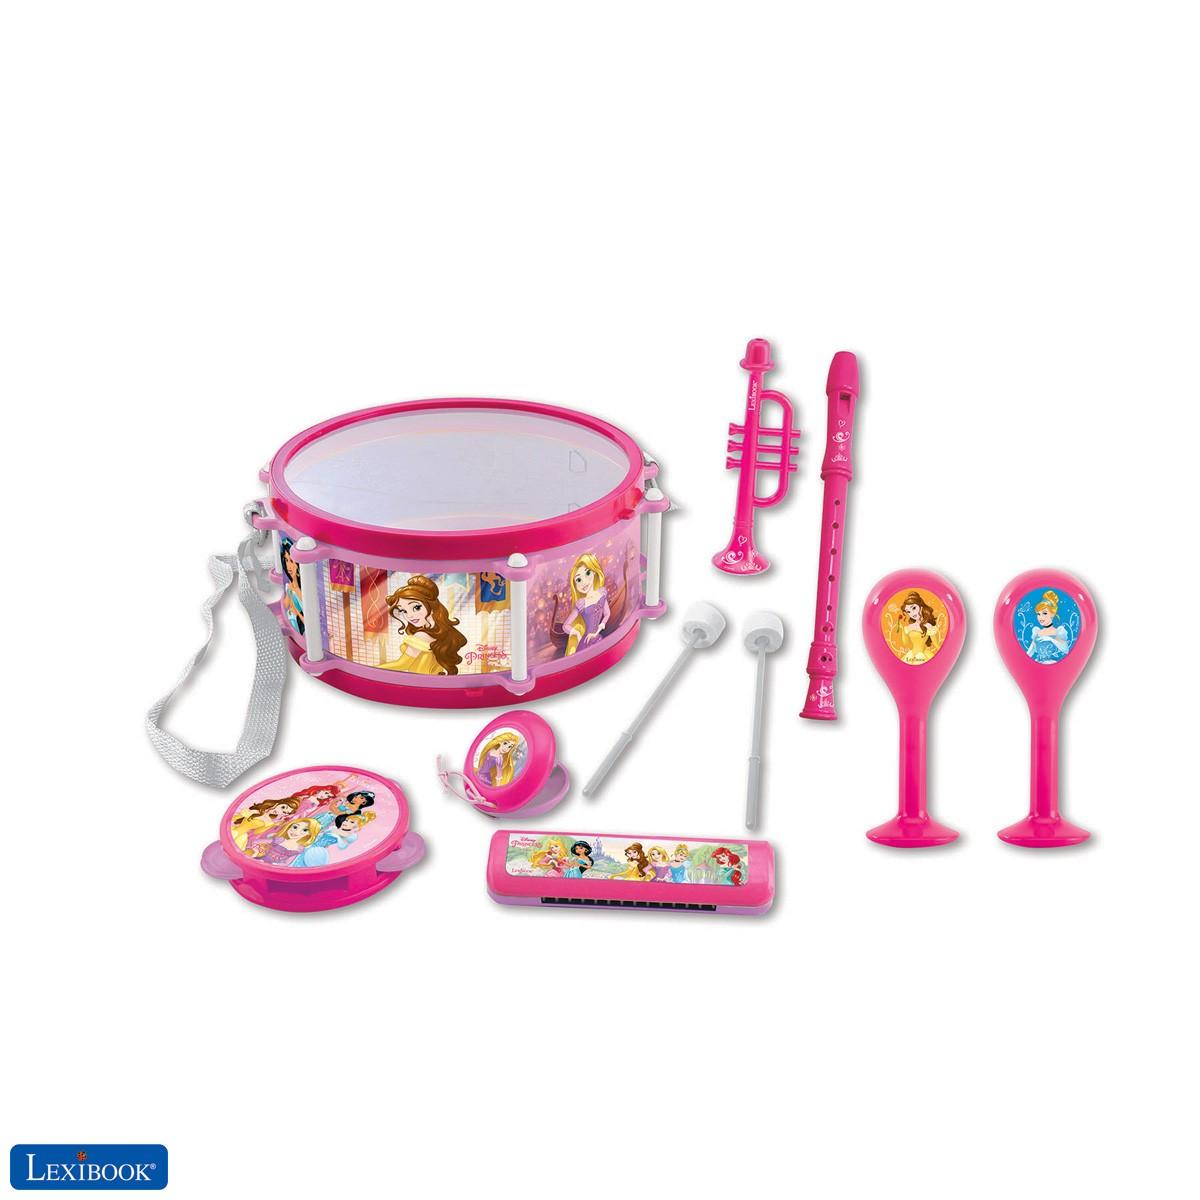 Disney Prinzessin Rapunzel Aschenputtell Musikspielzeug, Musik-set